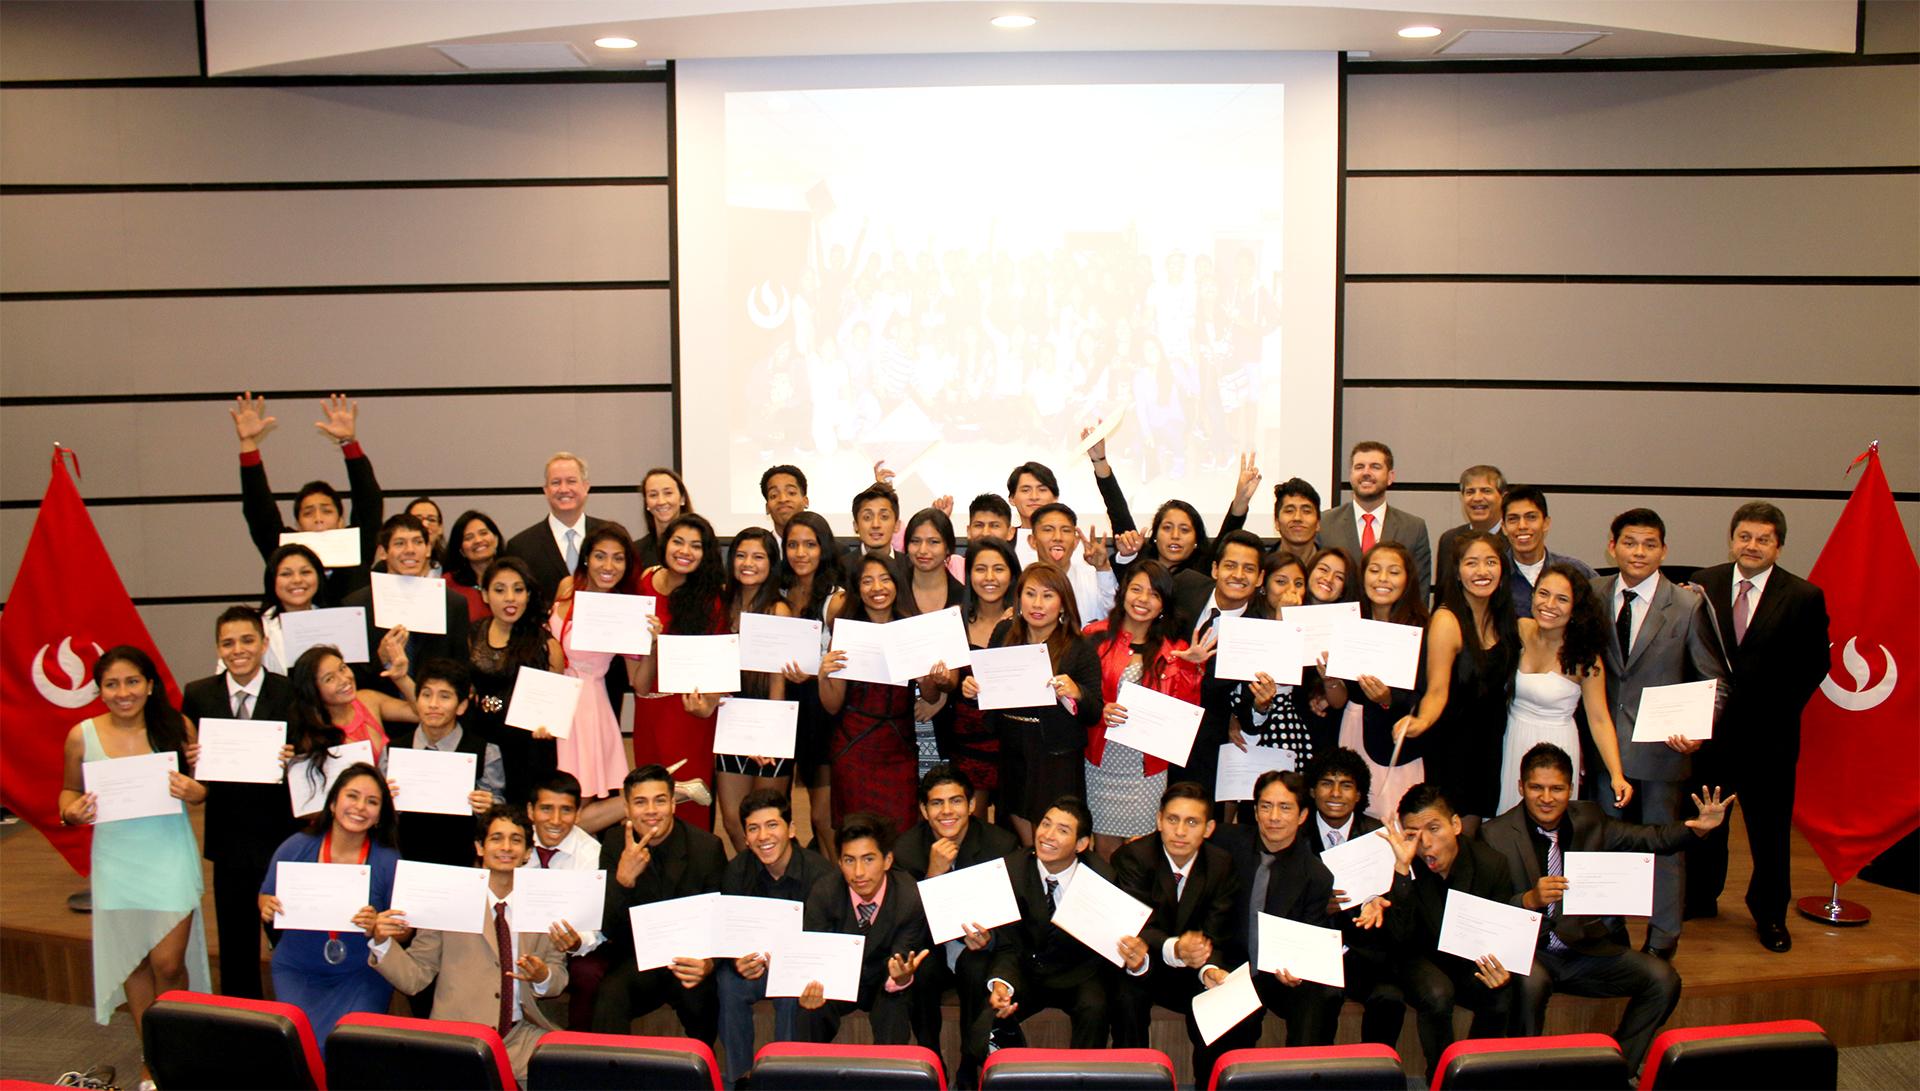 Por tercer año consecutivo la UPC capacitó a jóvenes artistas de la Asociación Cultural D1